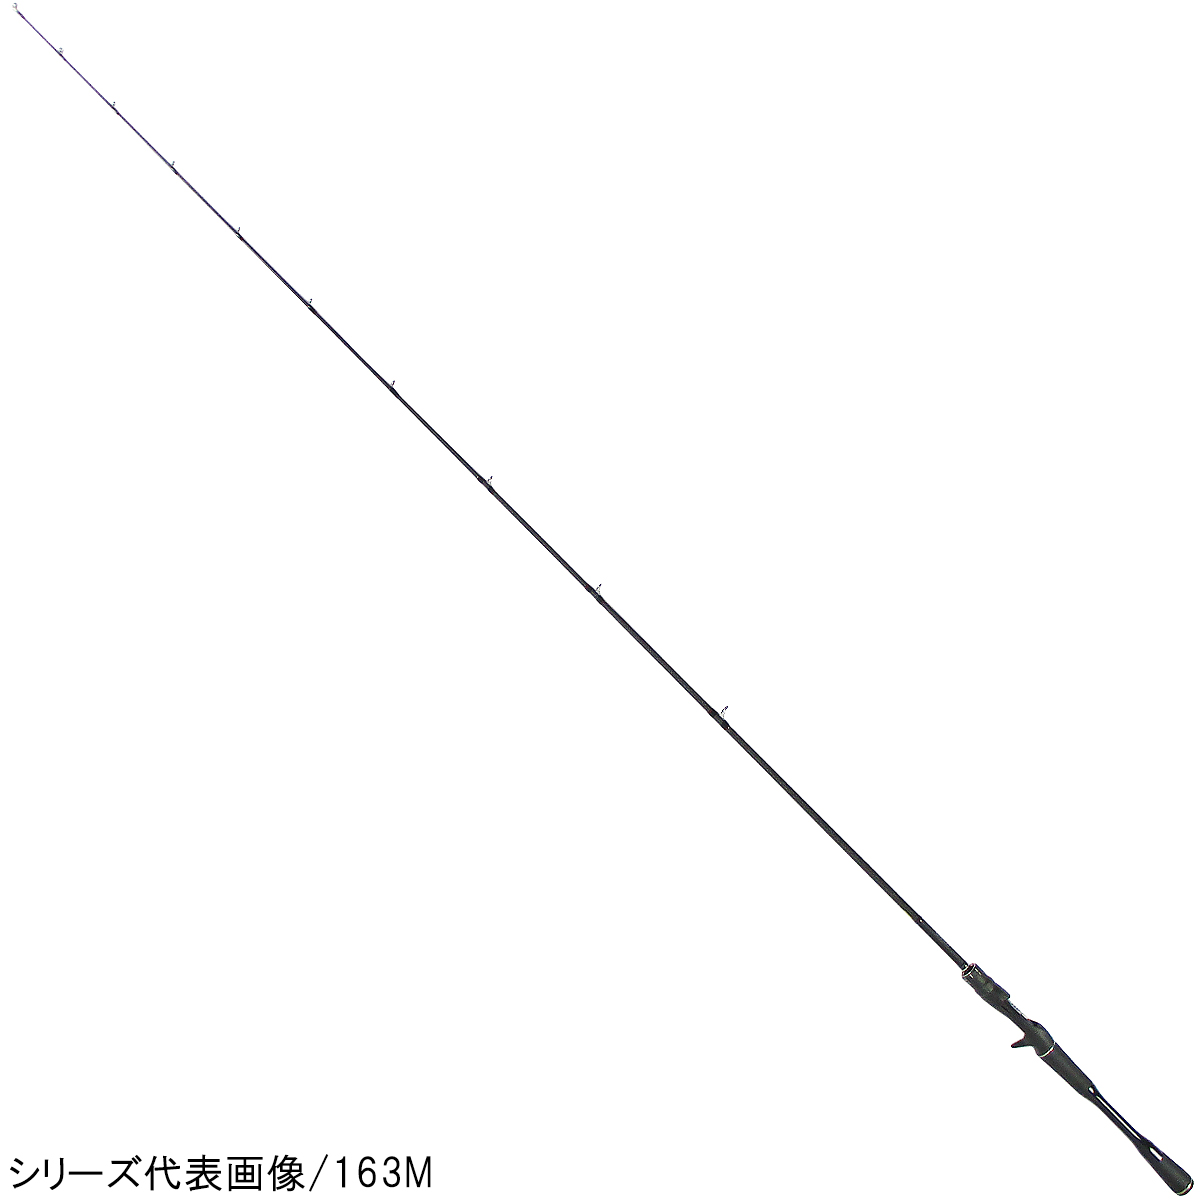 シマノ ポイズンアドレナ (ベイト) 163L-BFS【大型商品】(東日本店)